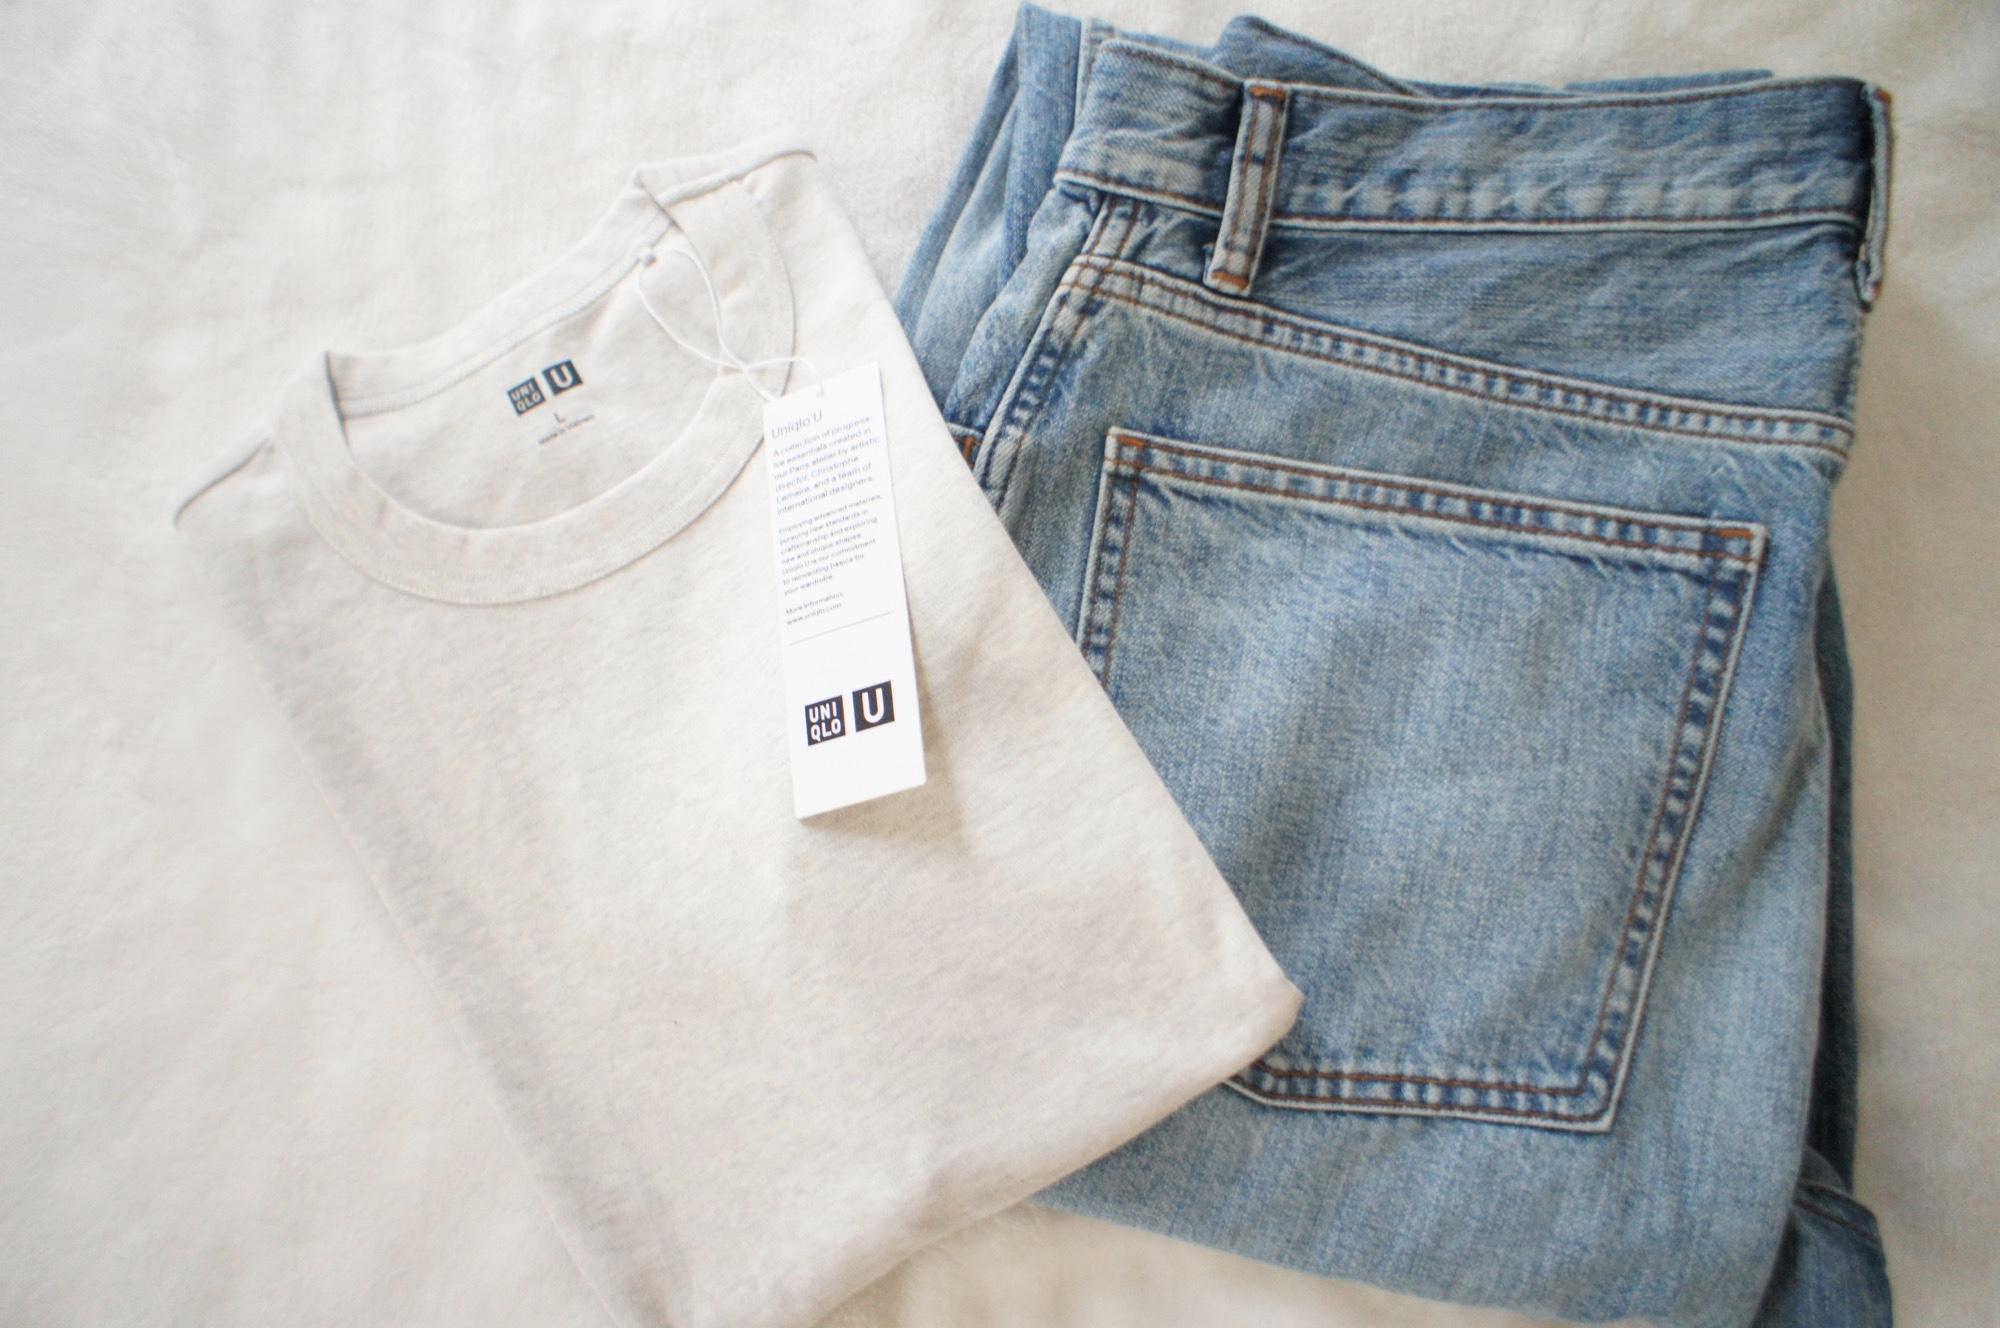 《#170cmトールガール》のプチプラコーデ❤️【Uniqlo U】の大人気Tシャツ!買い足すなら◯◯カラーがおすすめ❤︎☝︎_2